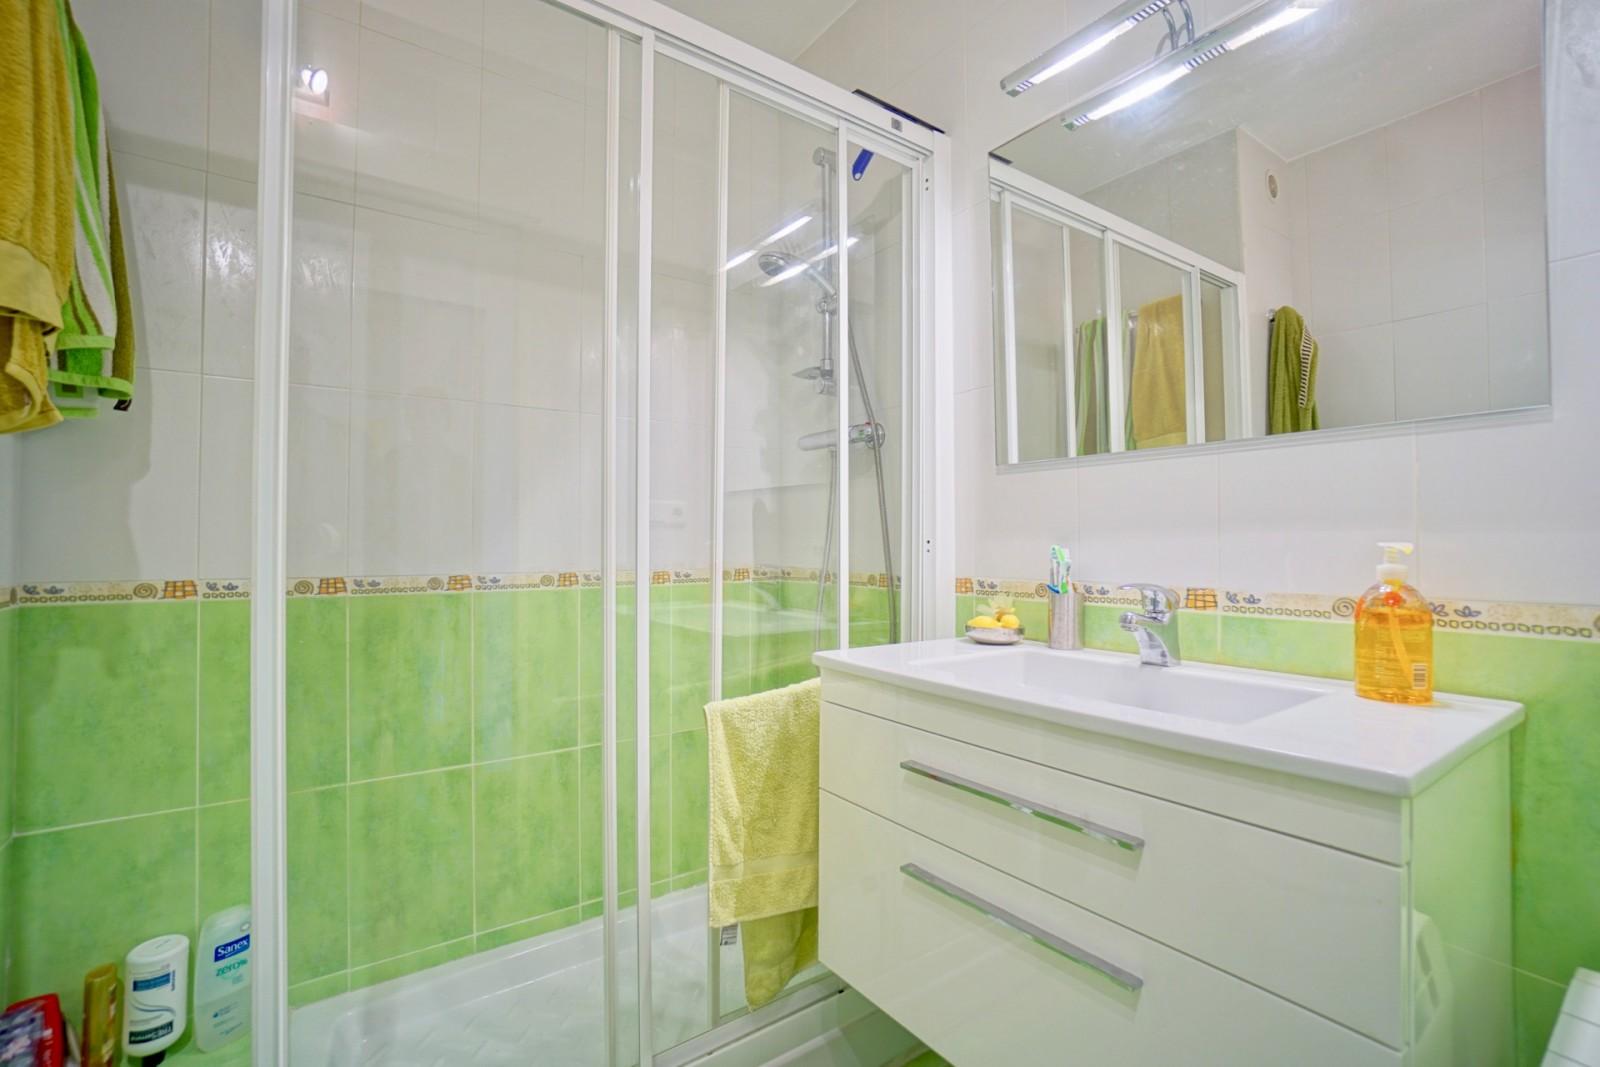 #A67C25 LE CALME À LA CHAMBRE D'AMOUR Agence OLAIZOLA Location  2893 plage de la petite chambre d'amour anglet 1600x1067 px @ aertt.com